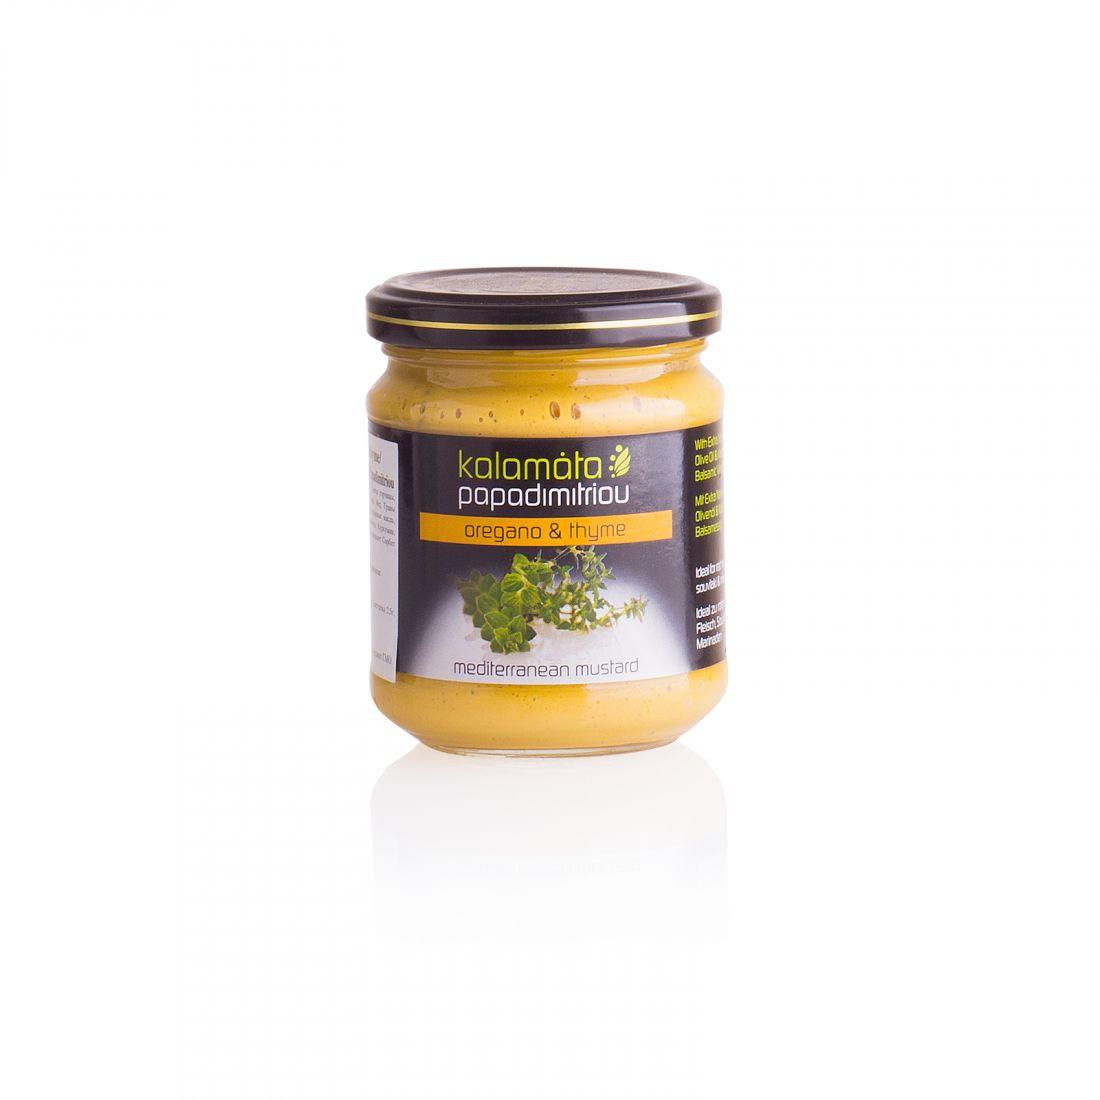 Горчица с душицей и чабрецом Kalamata Papadimitriou - 200 гр - в стекле